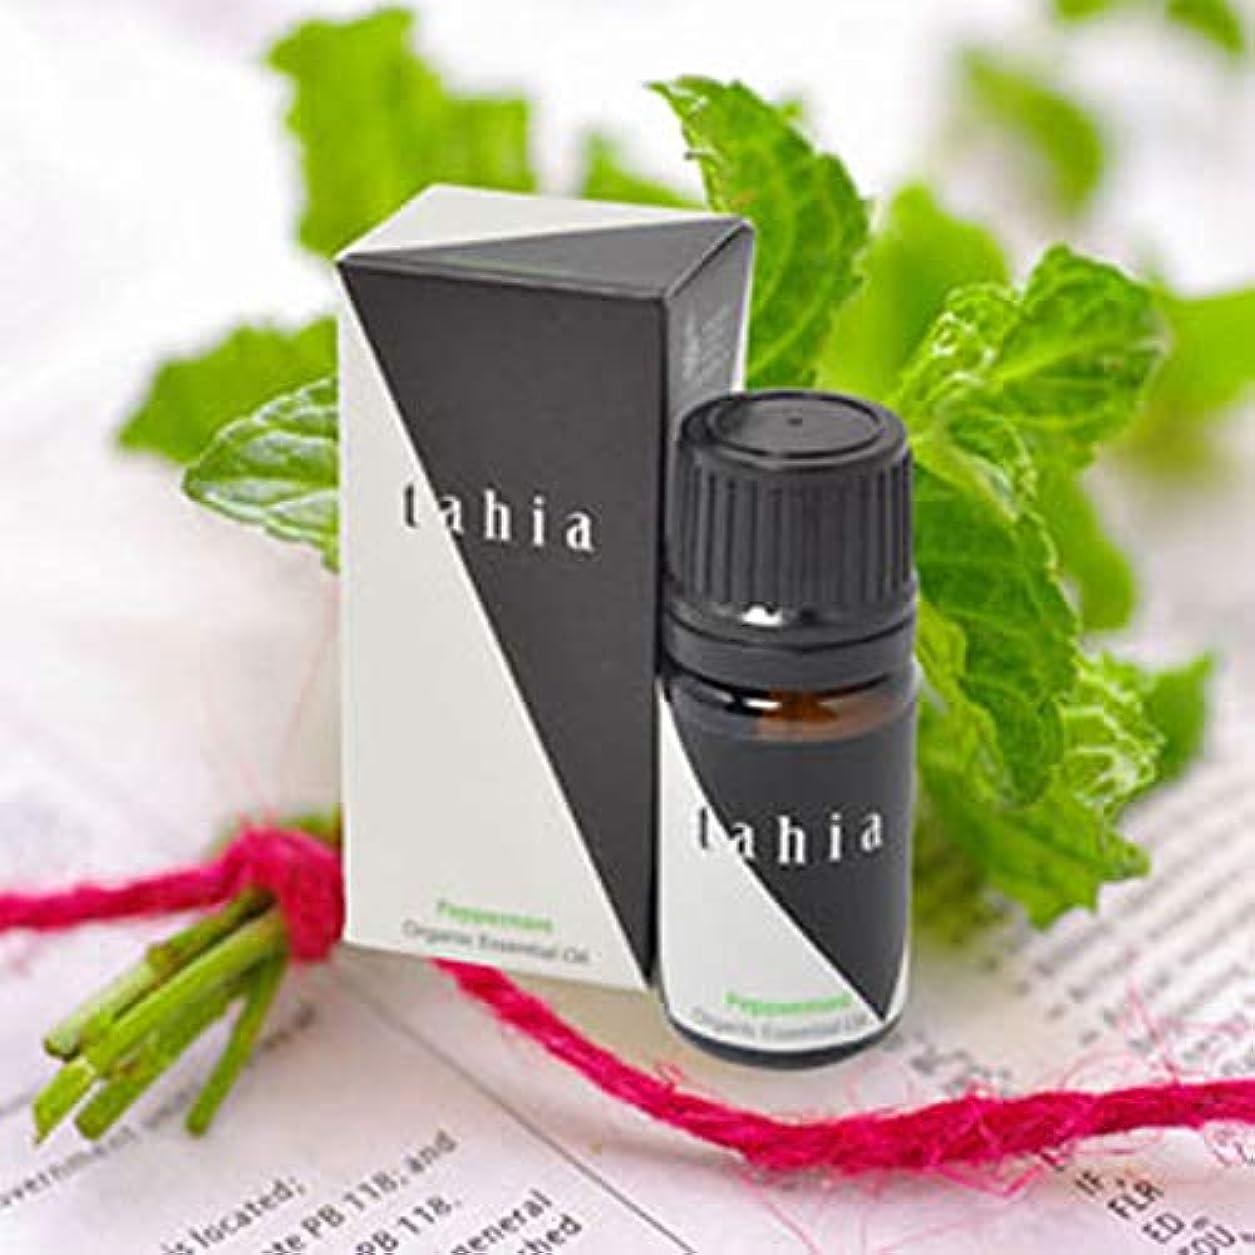 ノーブル蓄積する識字タツフト タヒア tahia ペパーミント  エッセンシャルオイル オーガニック 芳香 精油